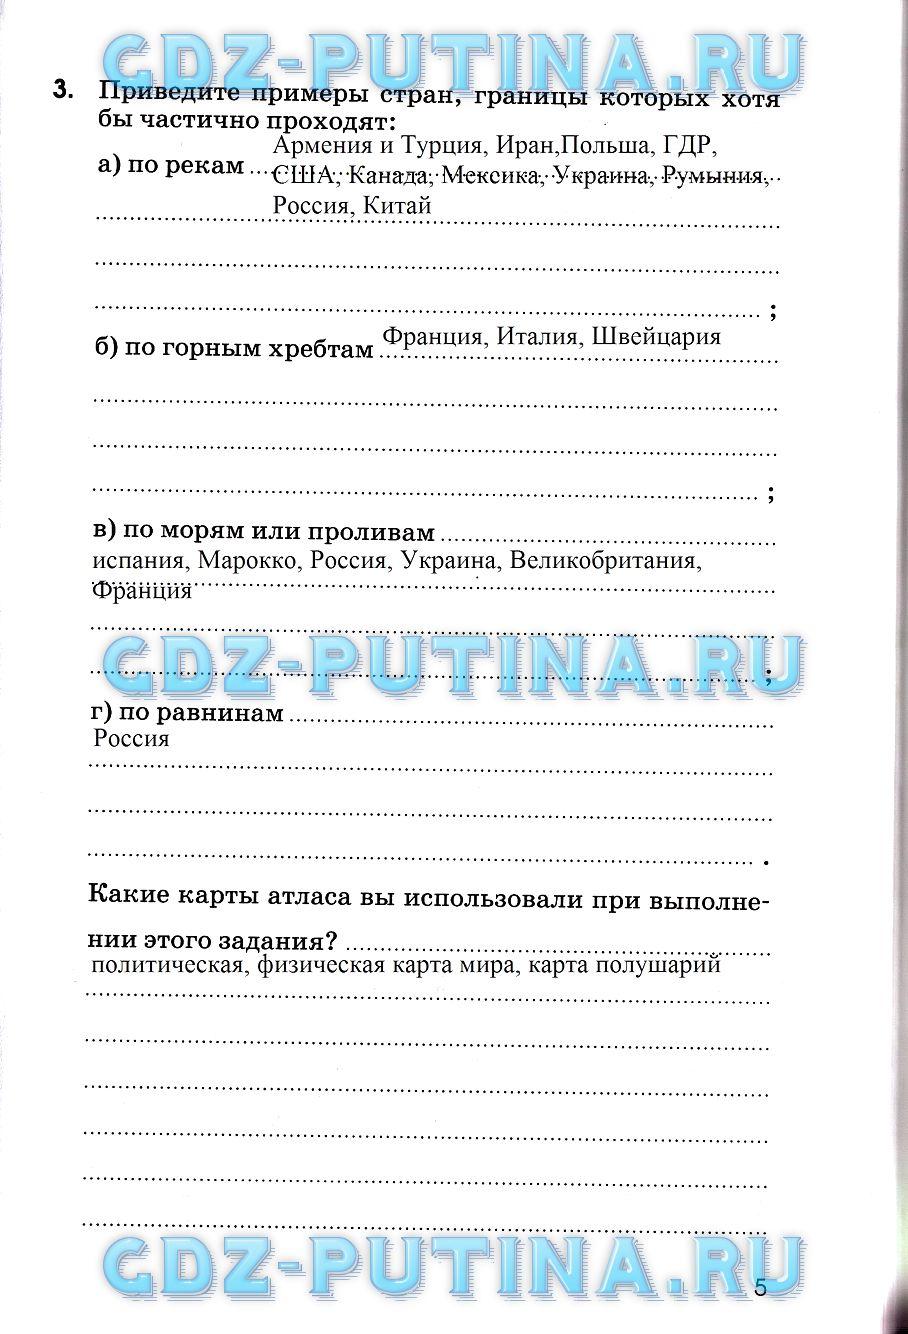 ответы по географии 6 класс румянцев ким климанова